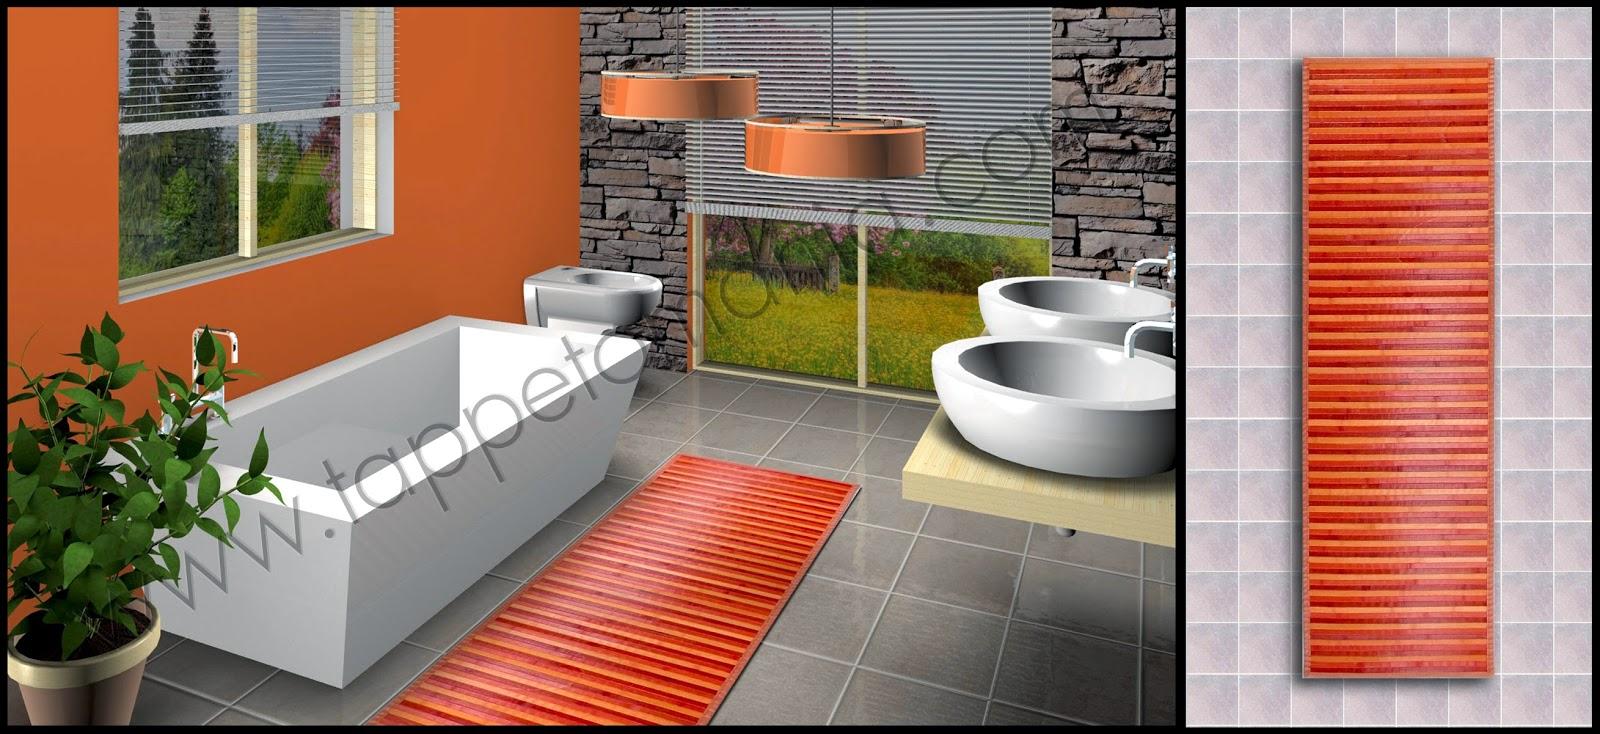 tappeti shaggy offerte, tappetomania ha le promozioni online ...